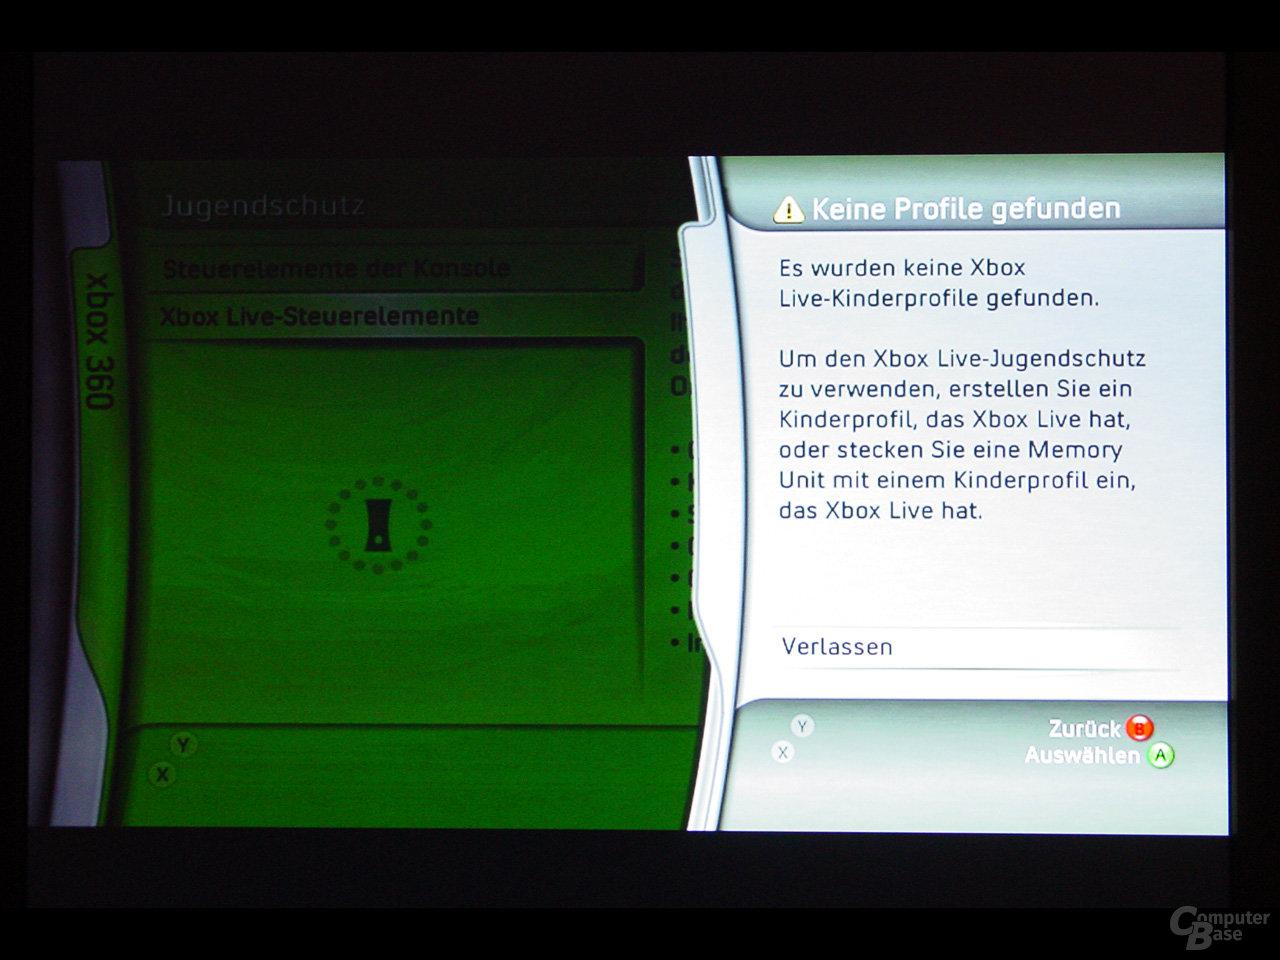 Benutzeroberfläche - Xbox Live Jugendschutz